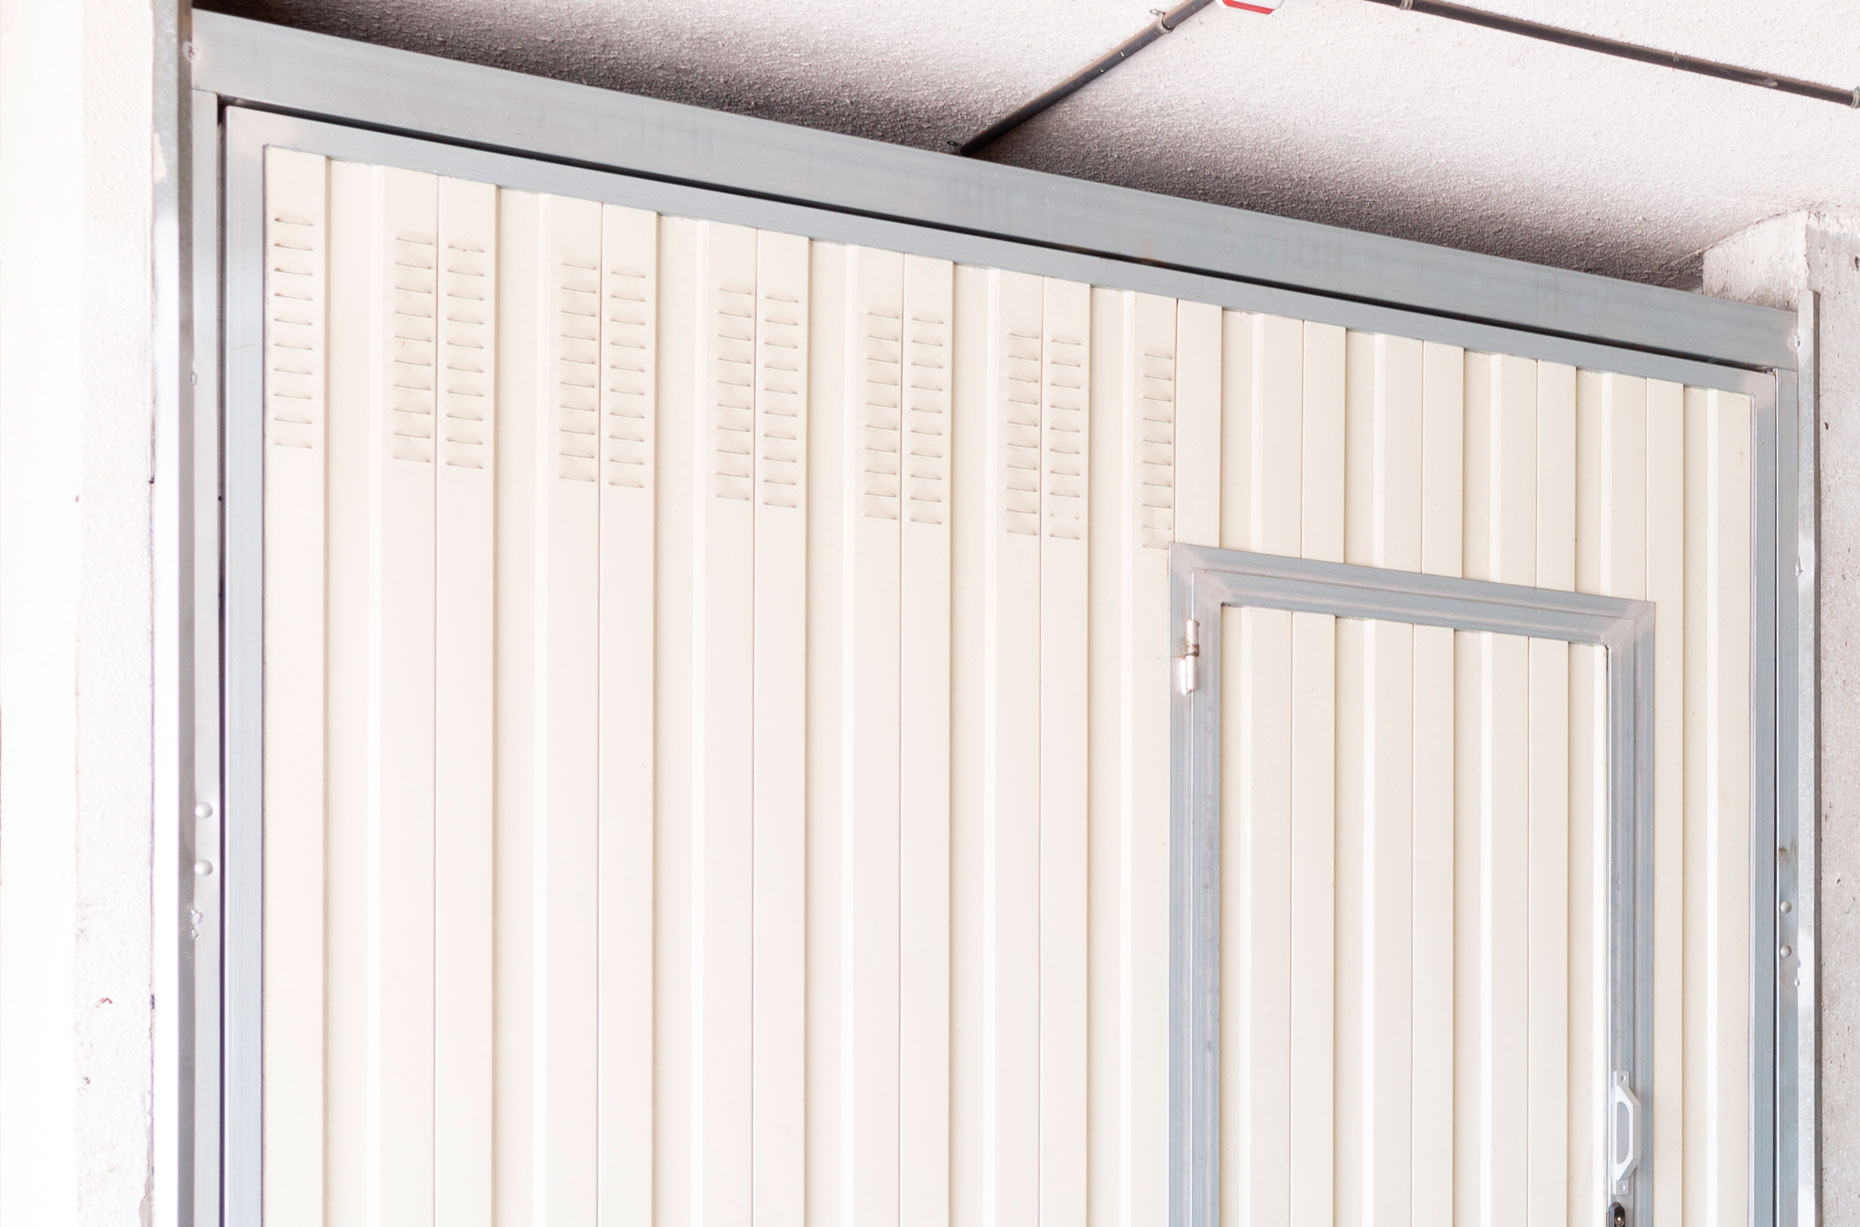 Las puertas basculantes son sistemas resistentes y seguros que se instalan de forma mecánica y se caracterizan por su buen funcionamiento